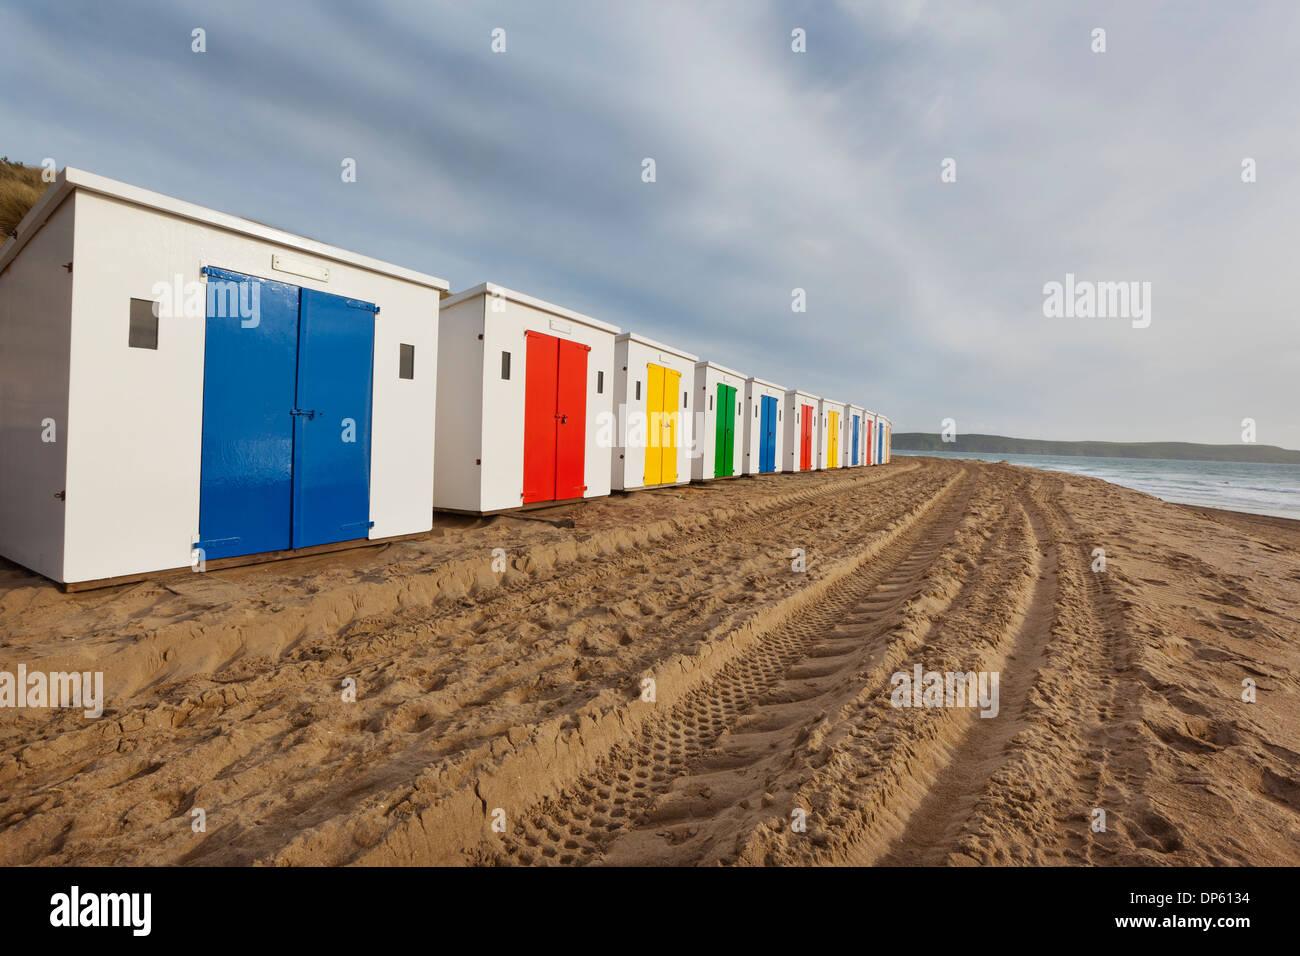 Strandhütten in einer Reihe auf Woolacombe Sands in North Devon, UK. Stockbild